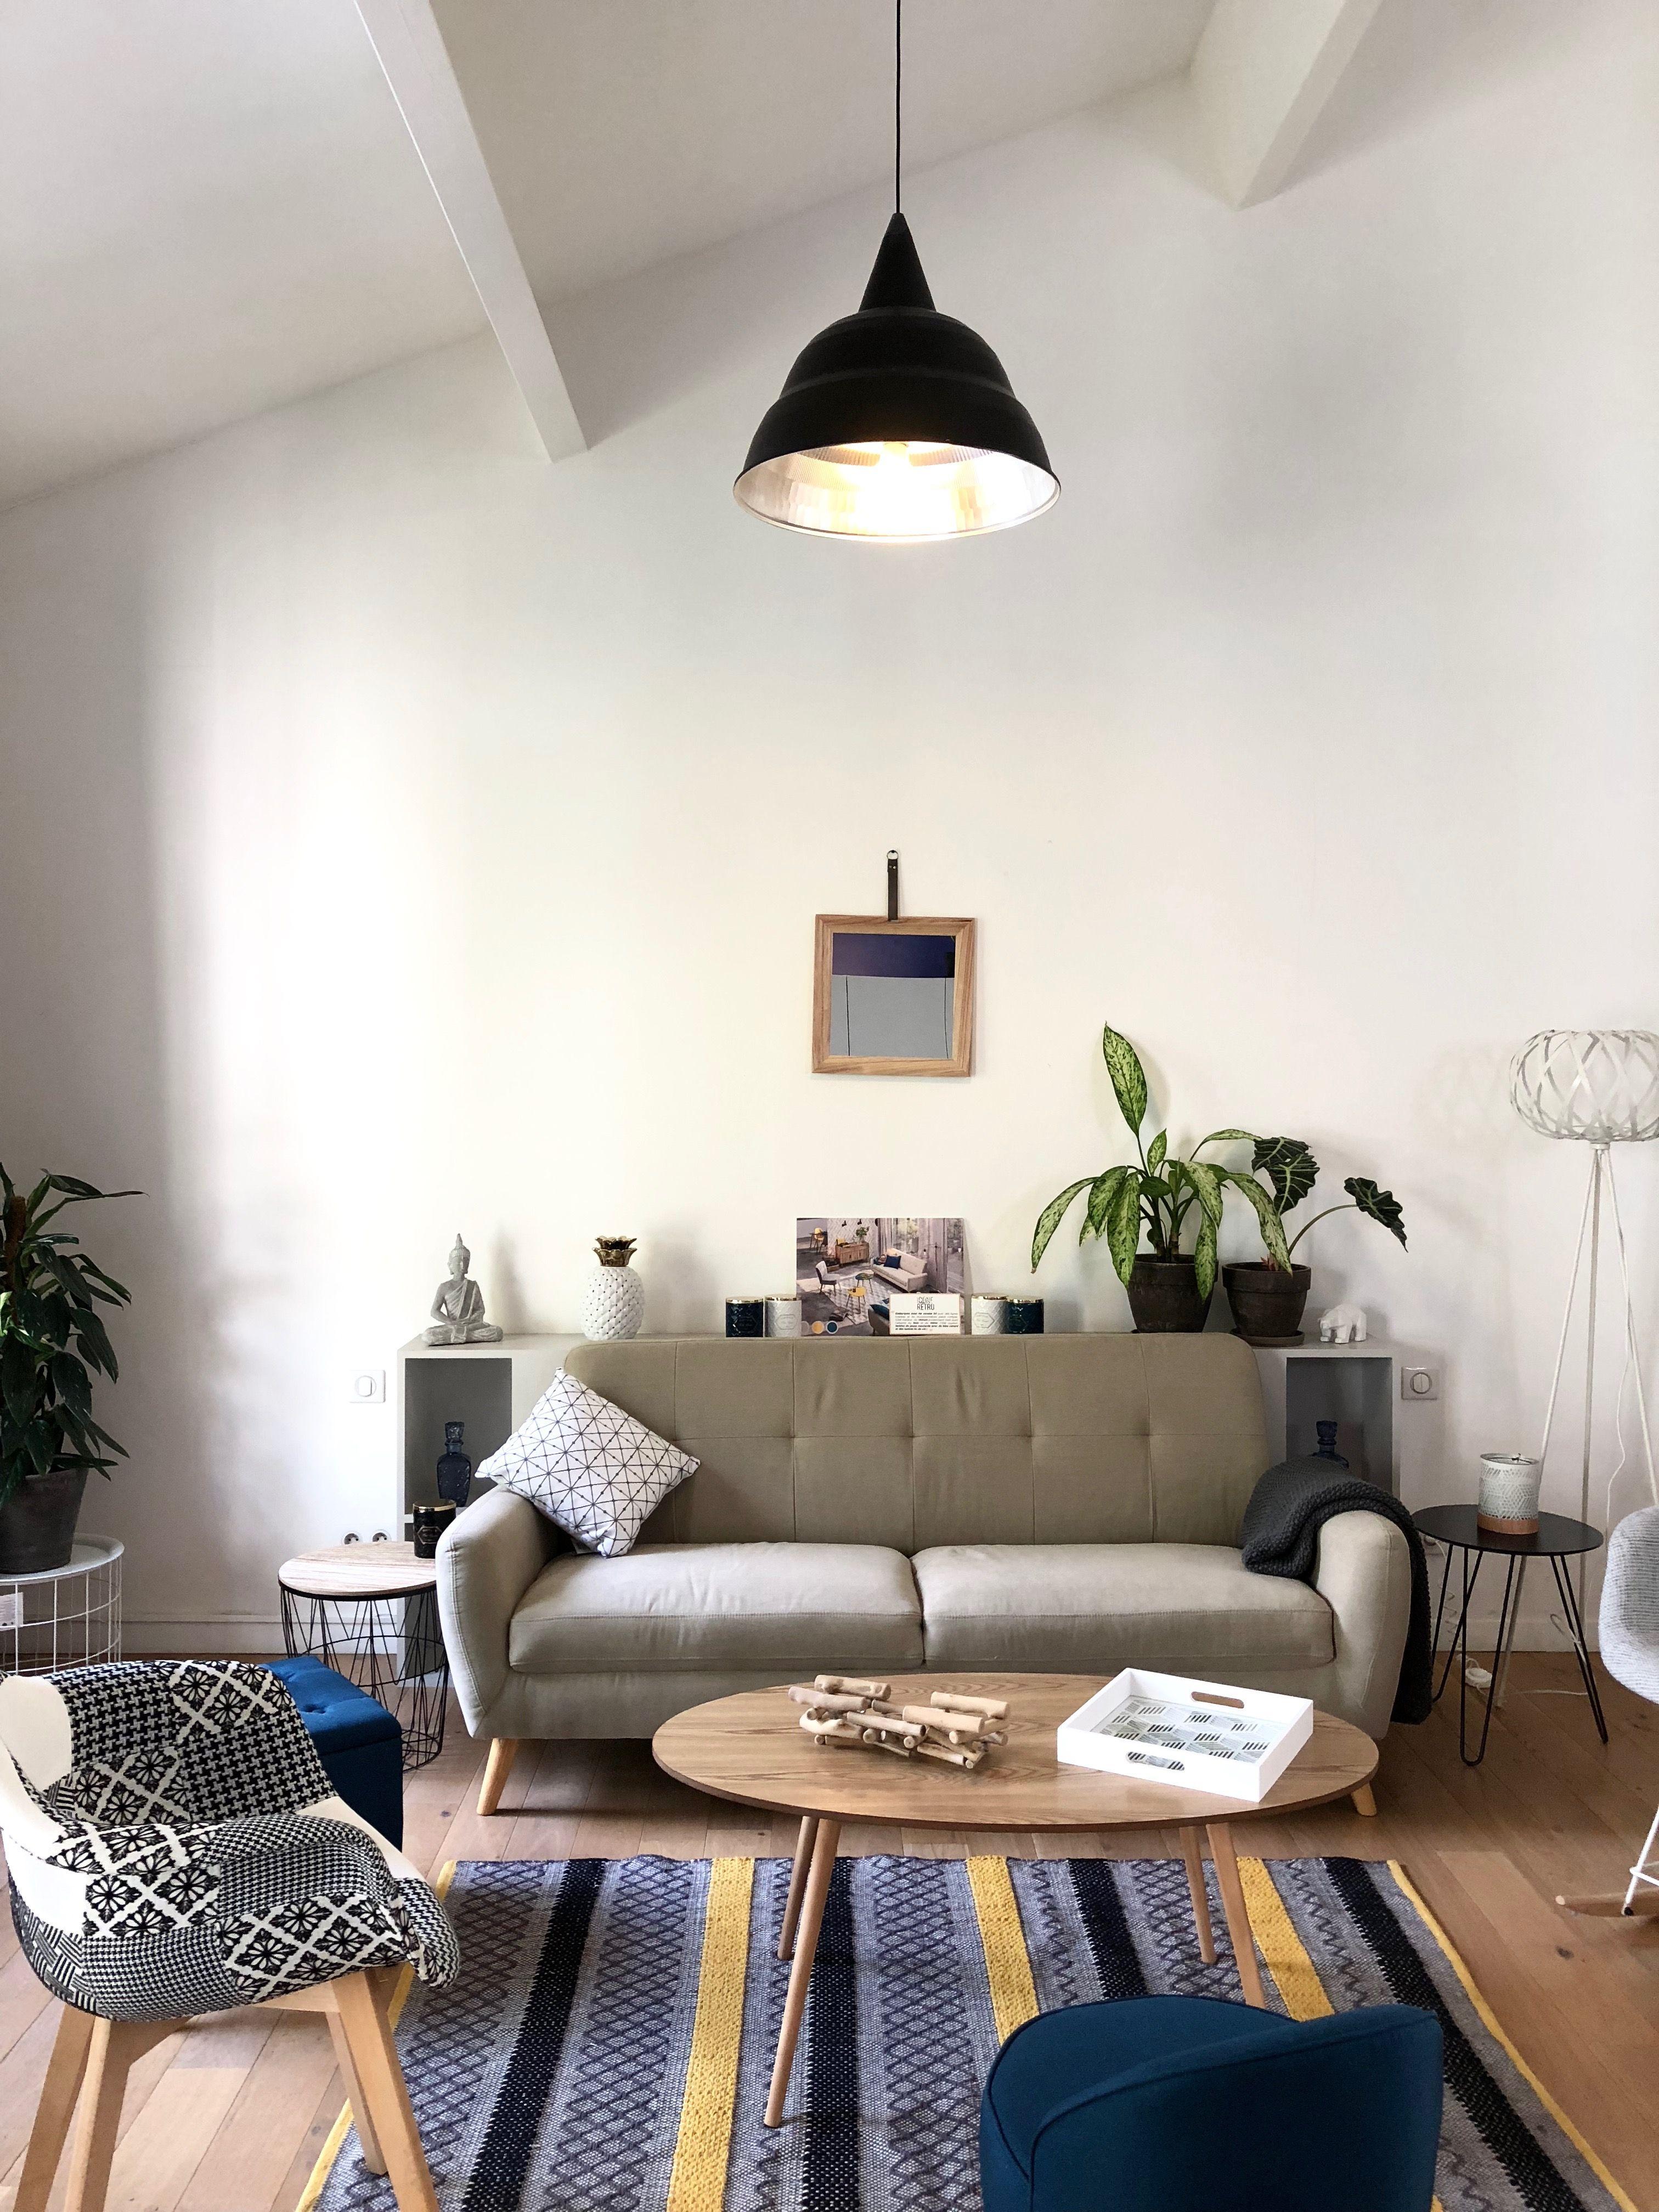 Soldes 2020 Canape Pas Cher Gifi Meuble Gifi Decoration Maison Idees De Decor